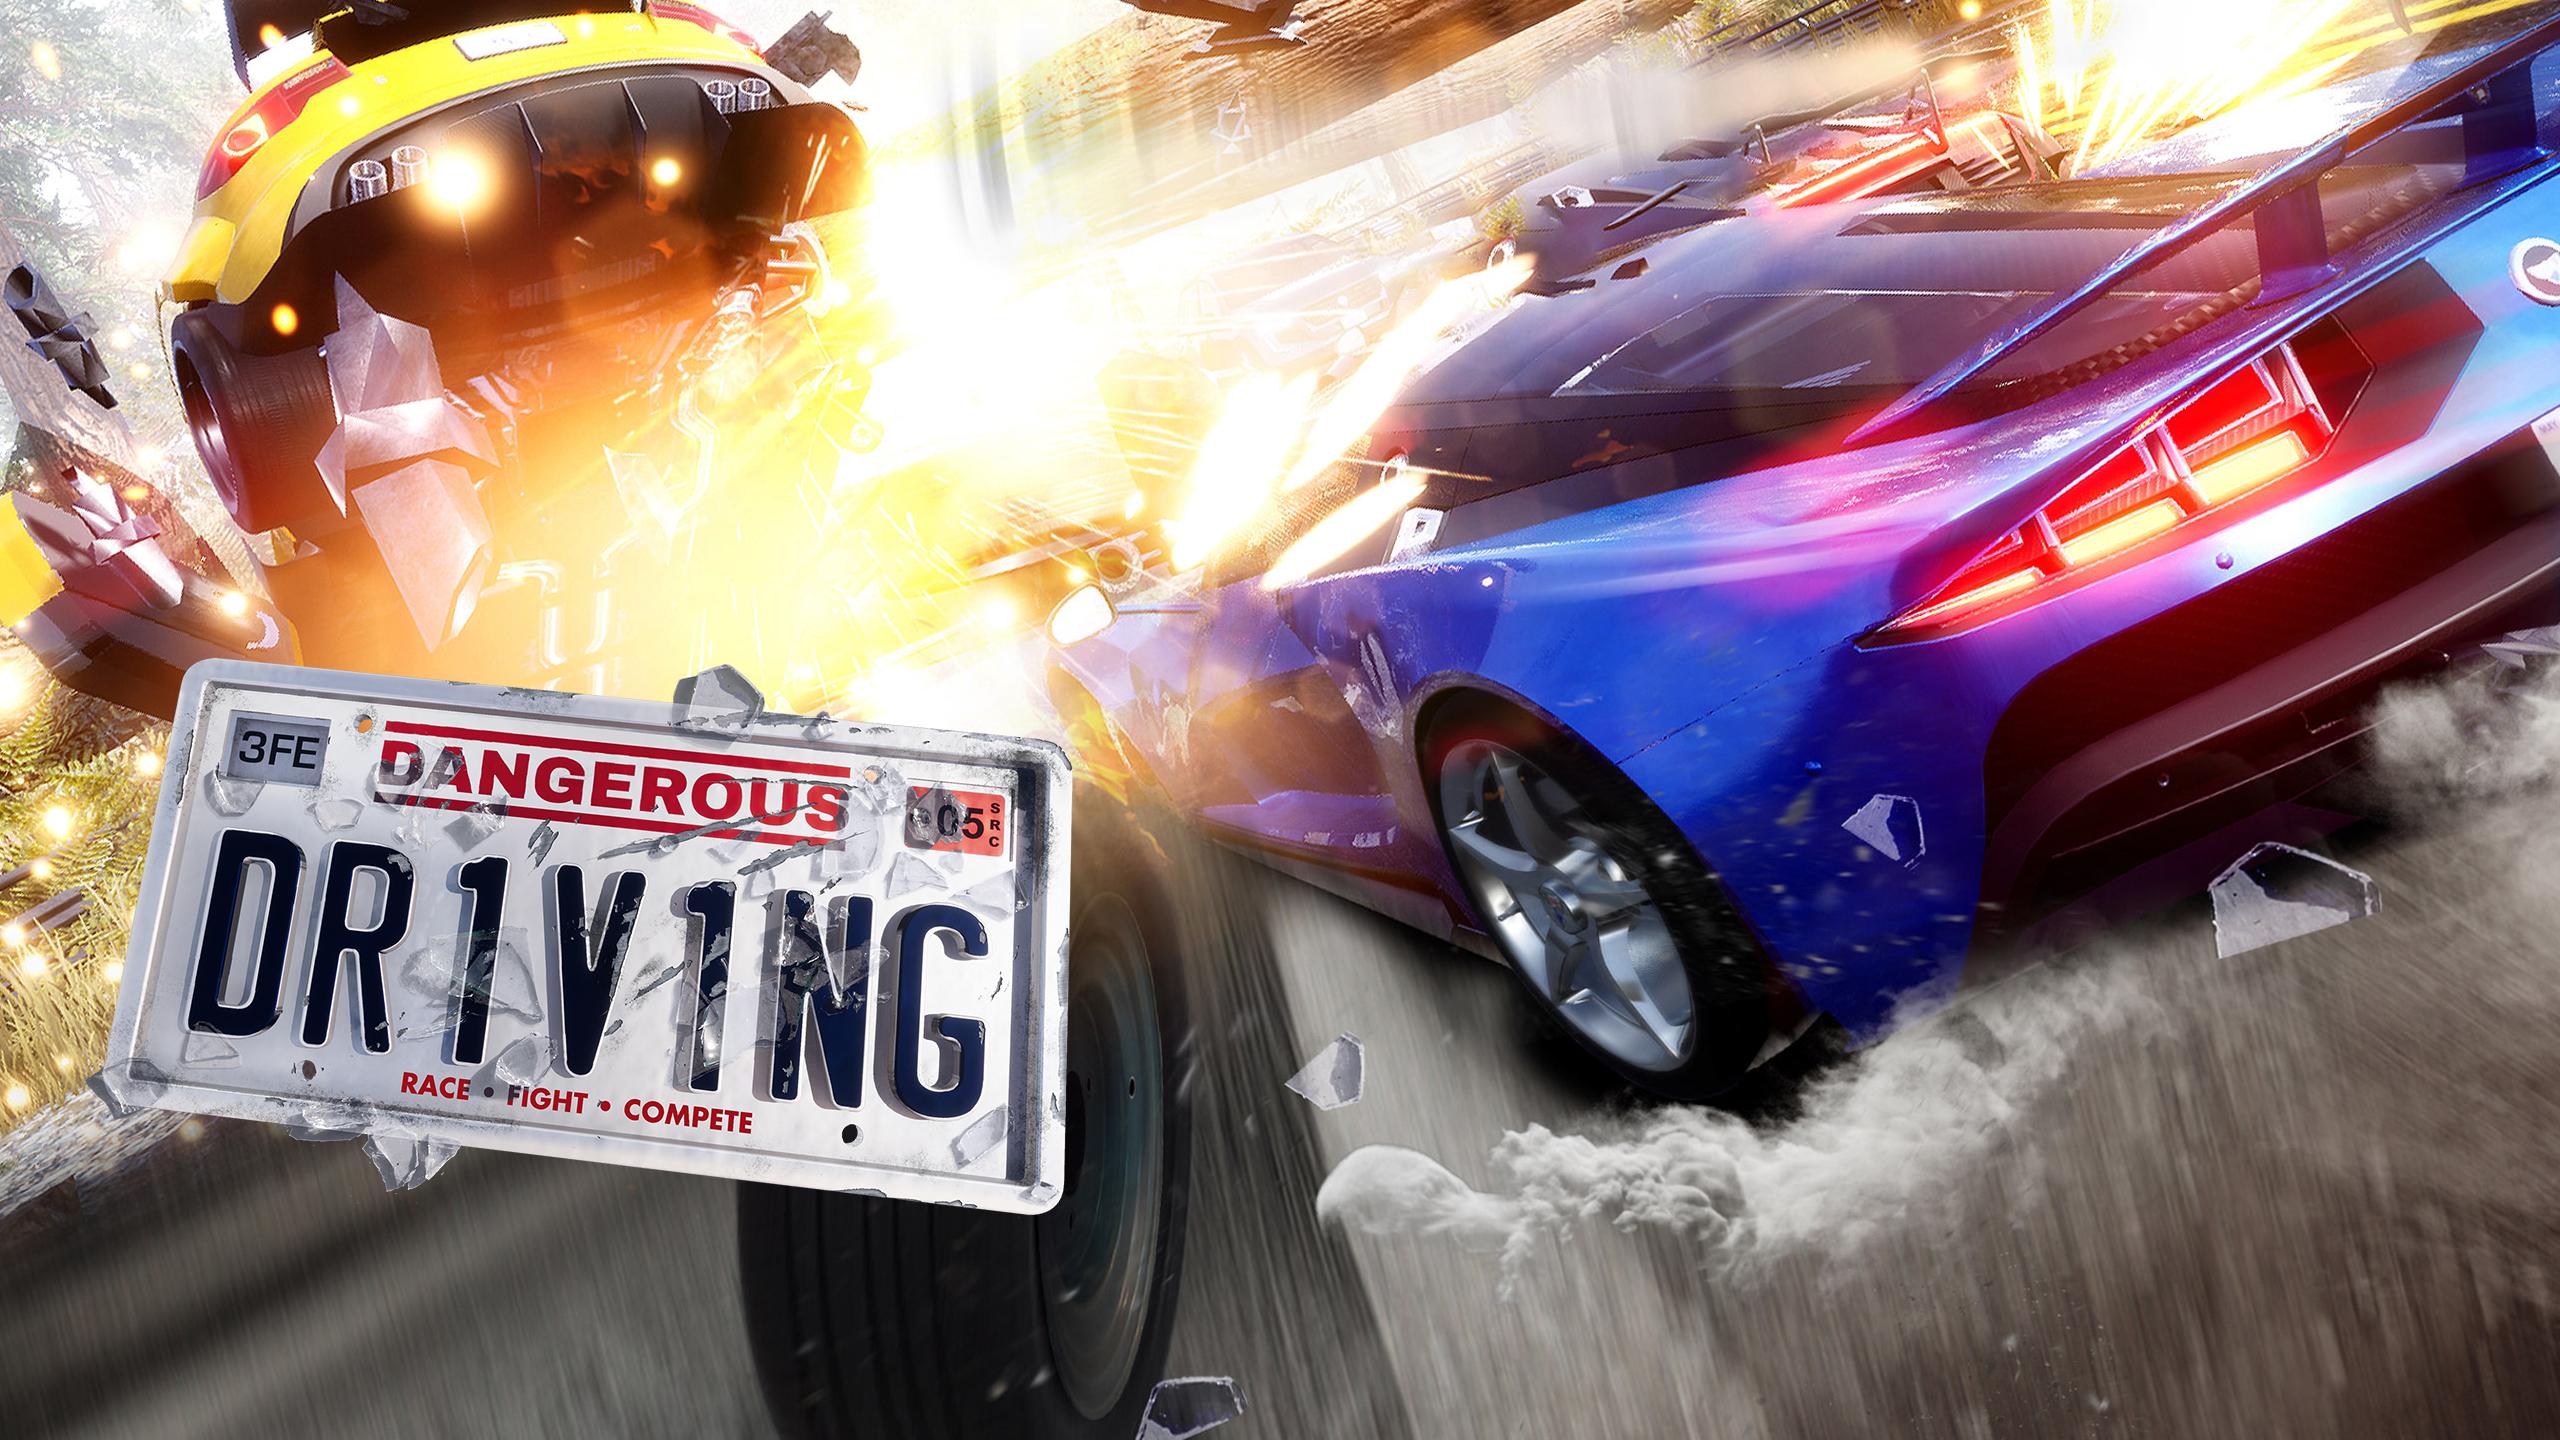 Golpea, choca y haz lo que sea necesario para acabar con tus oponentes en este juego de carreras de alta velocidad. ¡«Dangerous Driving» ya disponible para su compra anticipada!